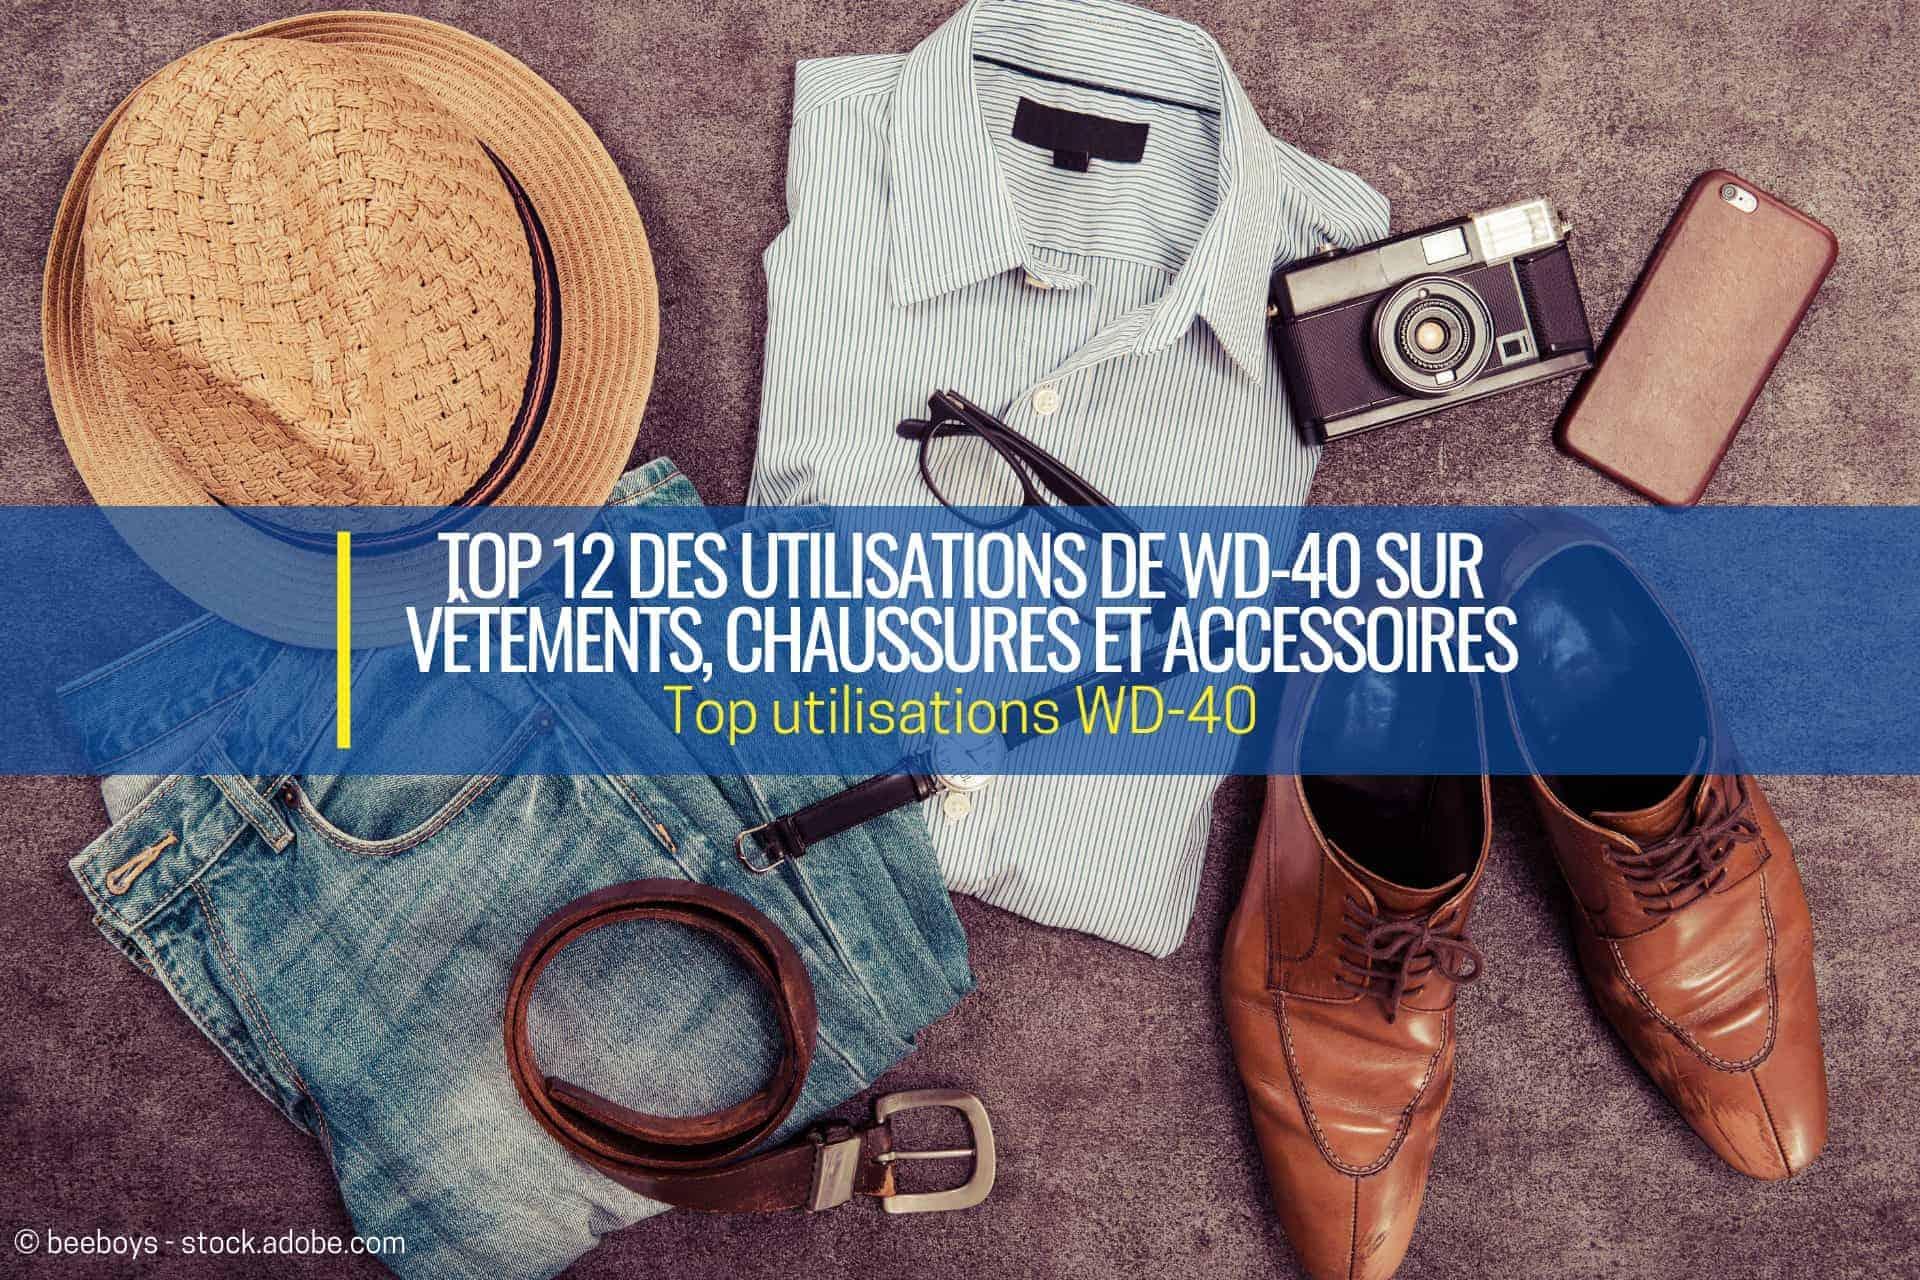 acheter authentique professionnel de premier plan nouvelle arrivée Top 12 des utilisations de WD-40 sur vêtements et ...